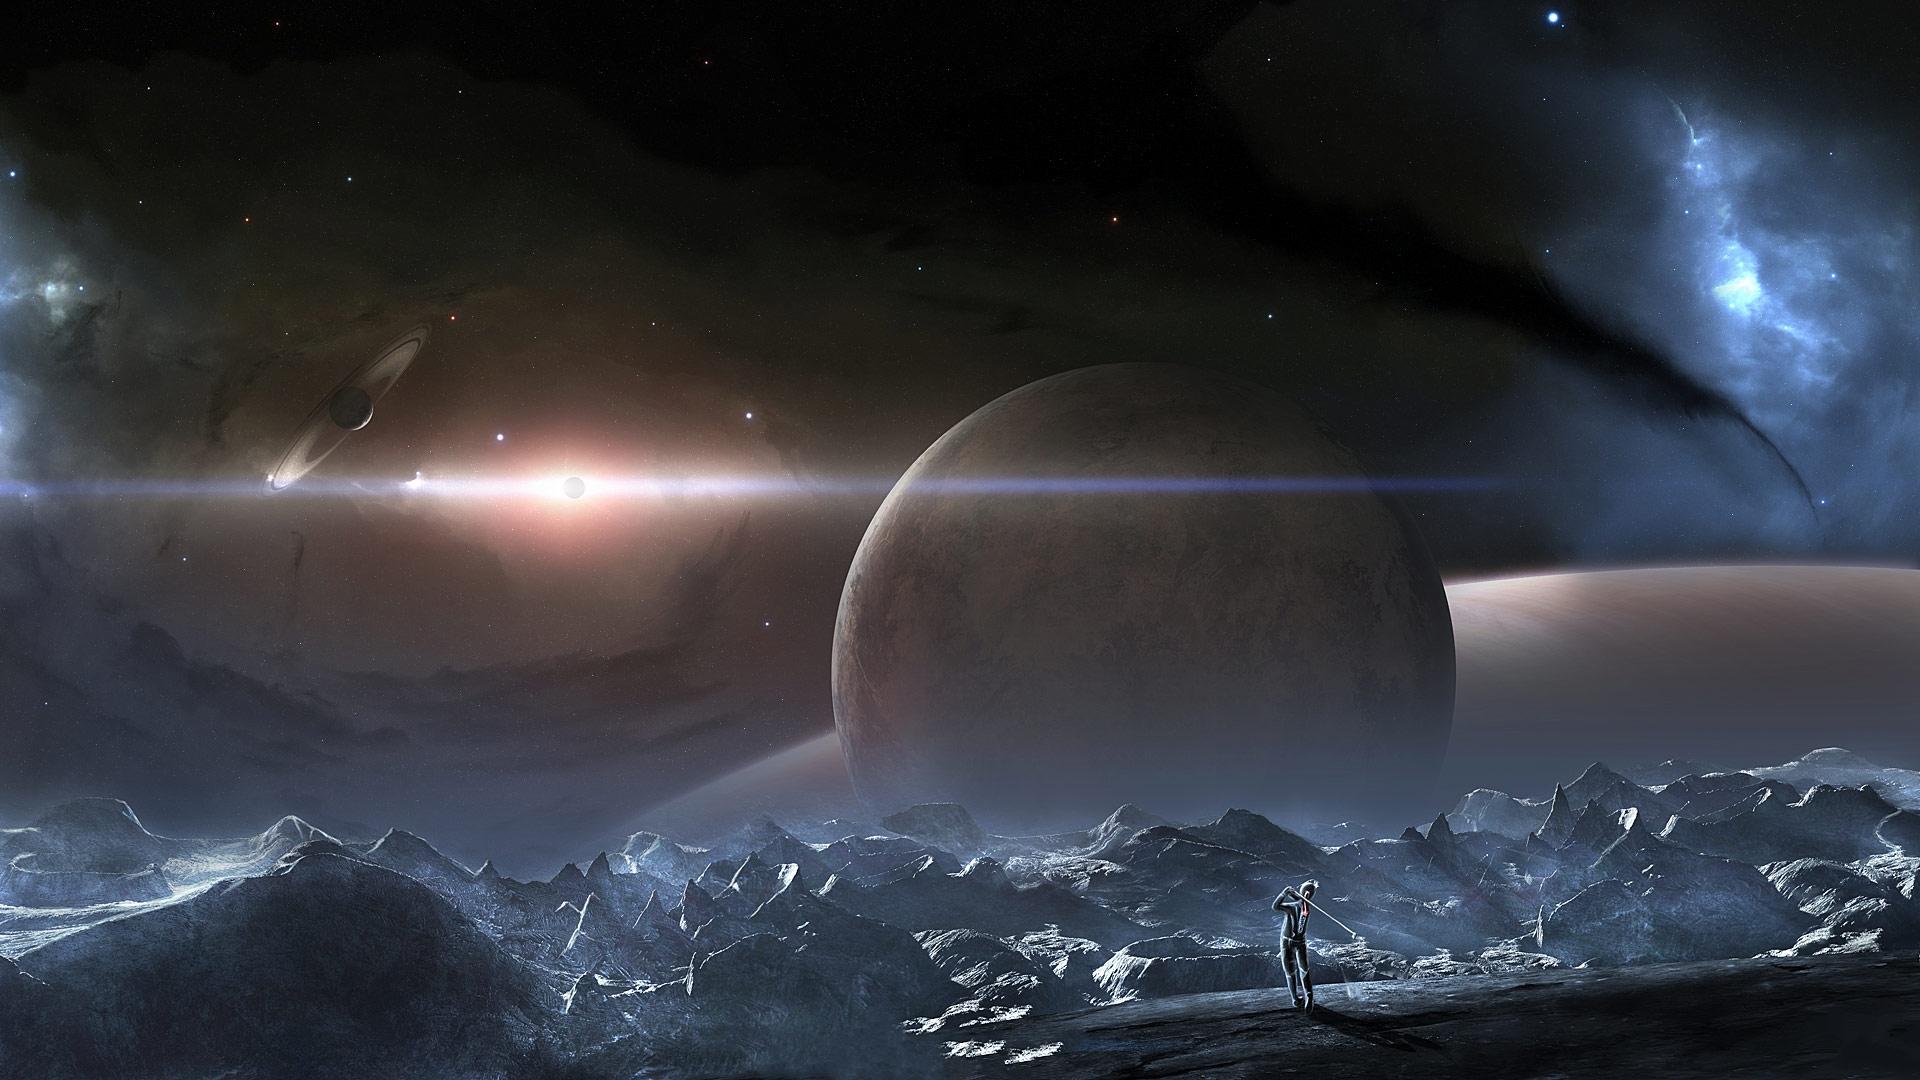 обои космос, вселенная, планеты, звезлы картинки фото